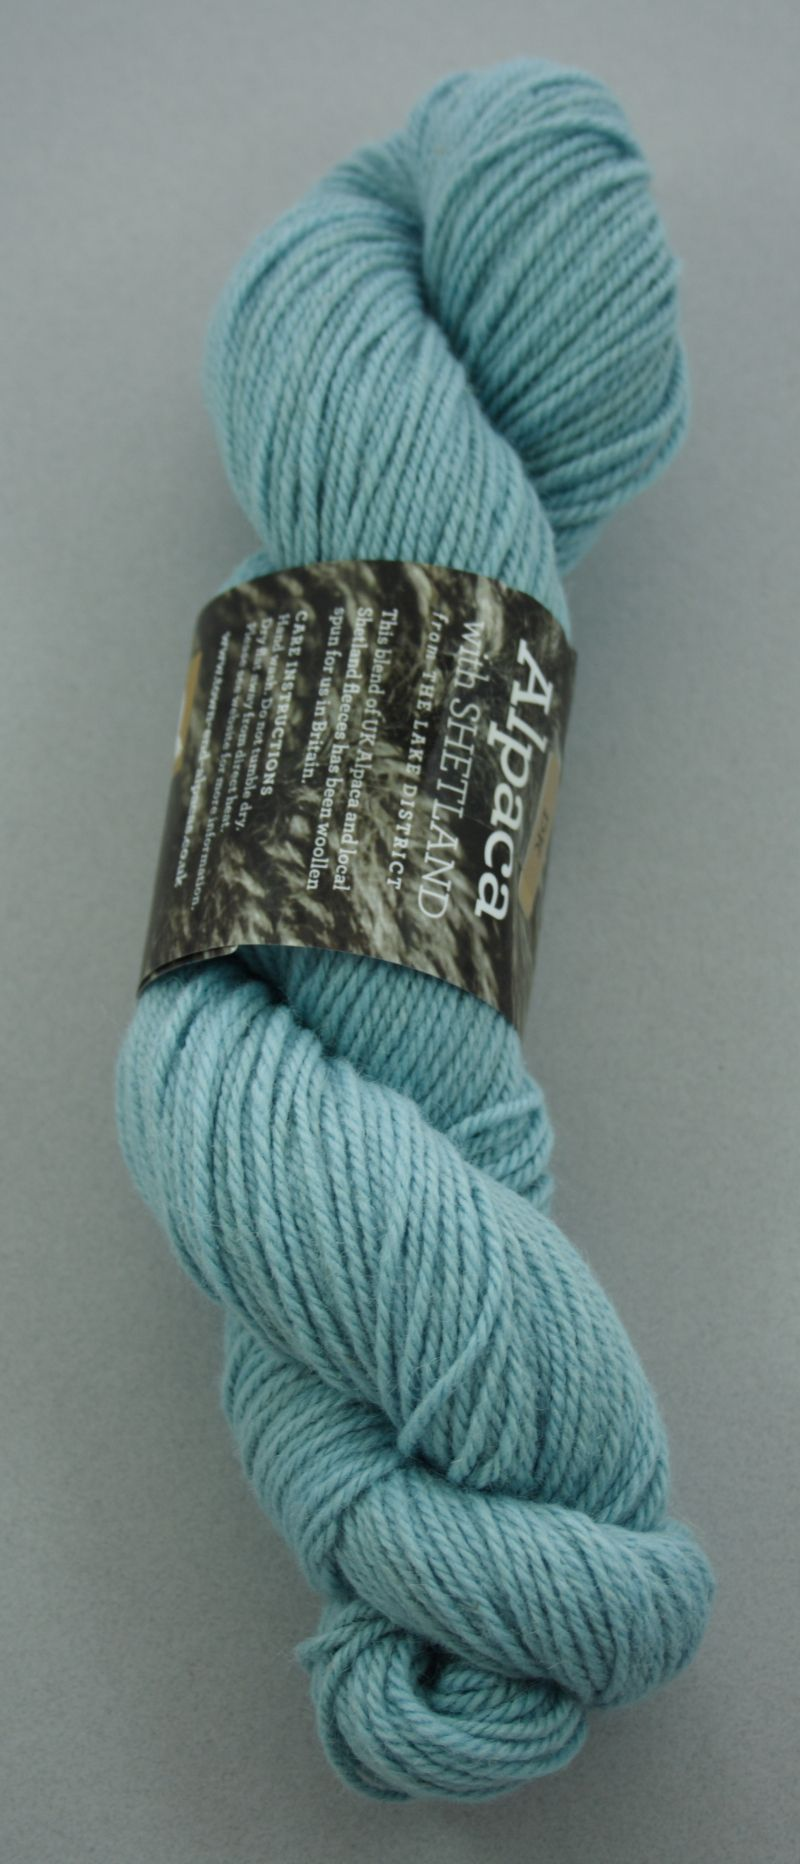 Alpaca DK yarn - blue